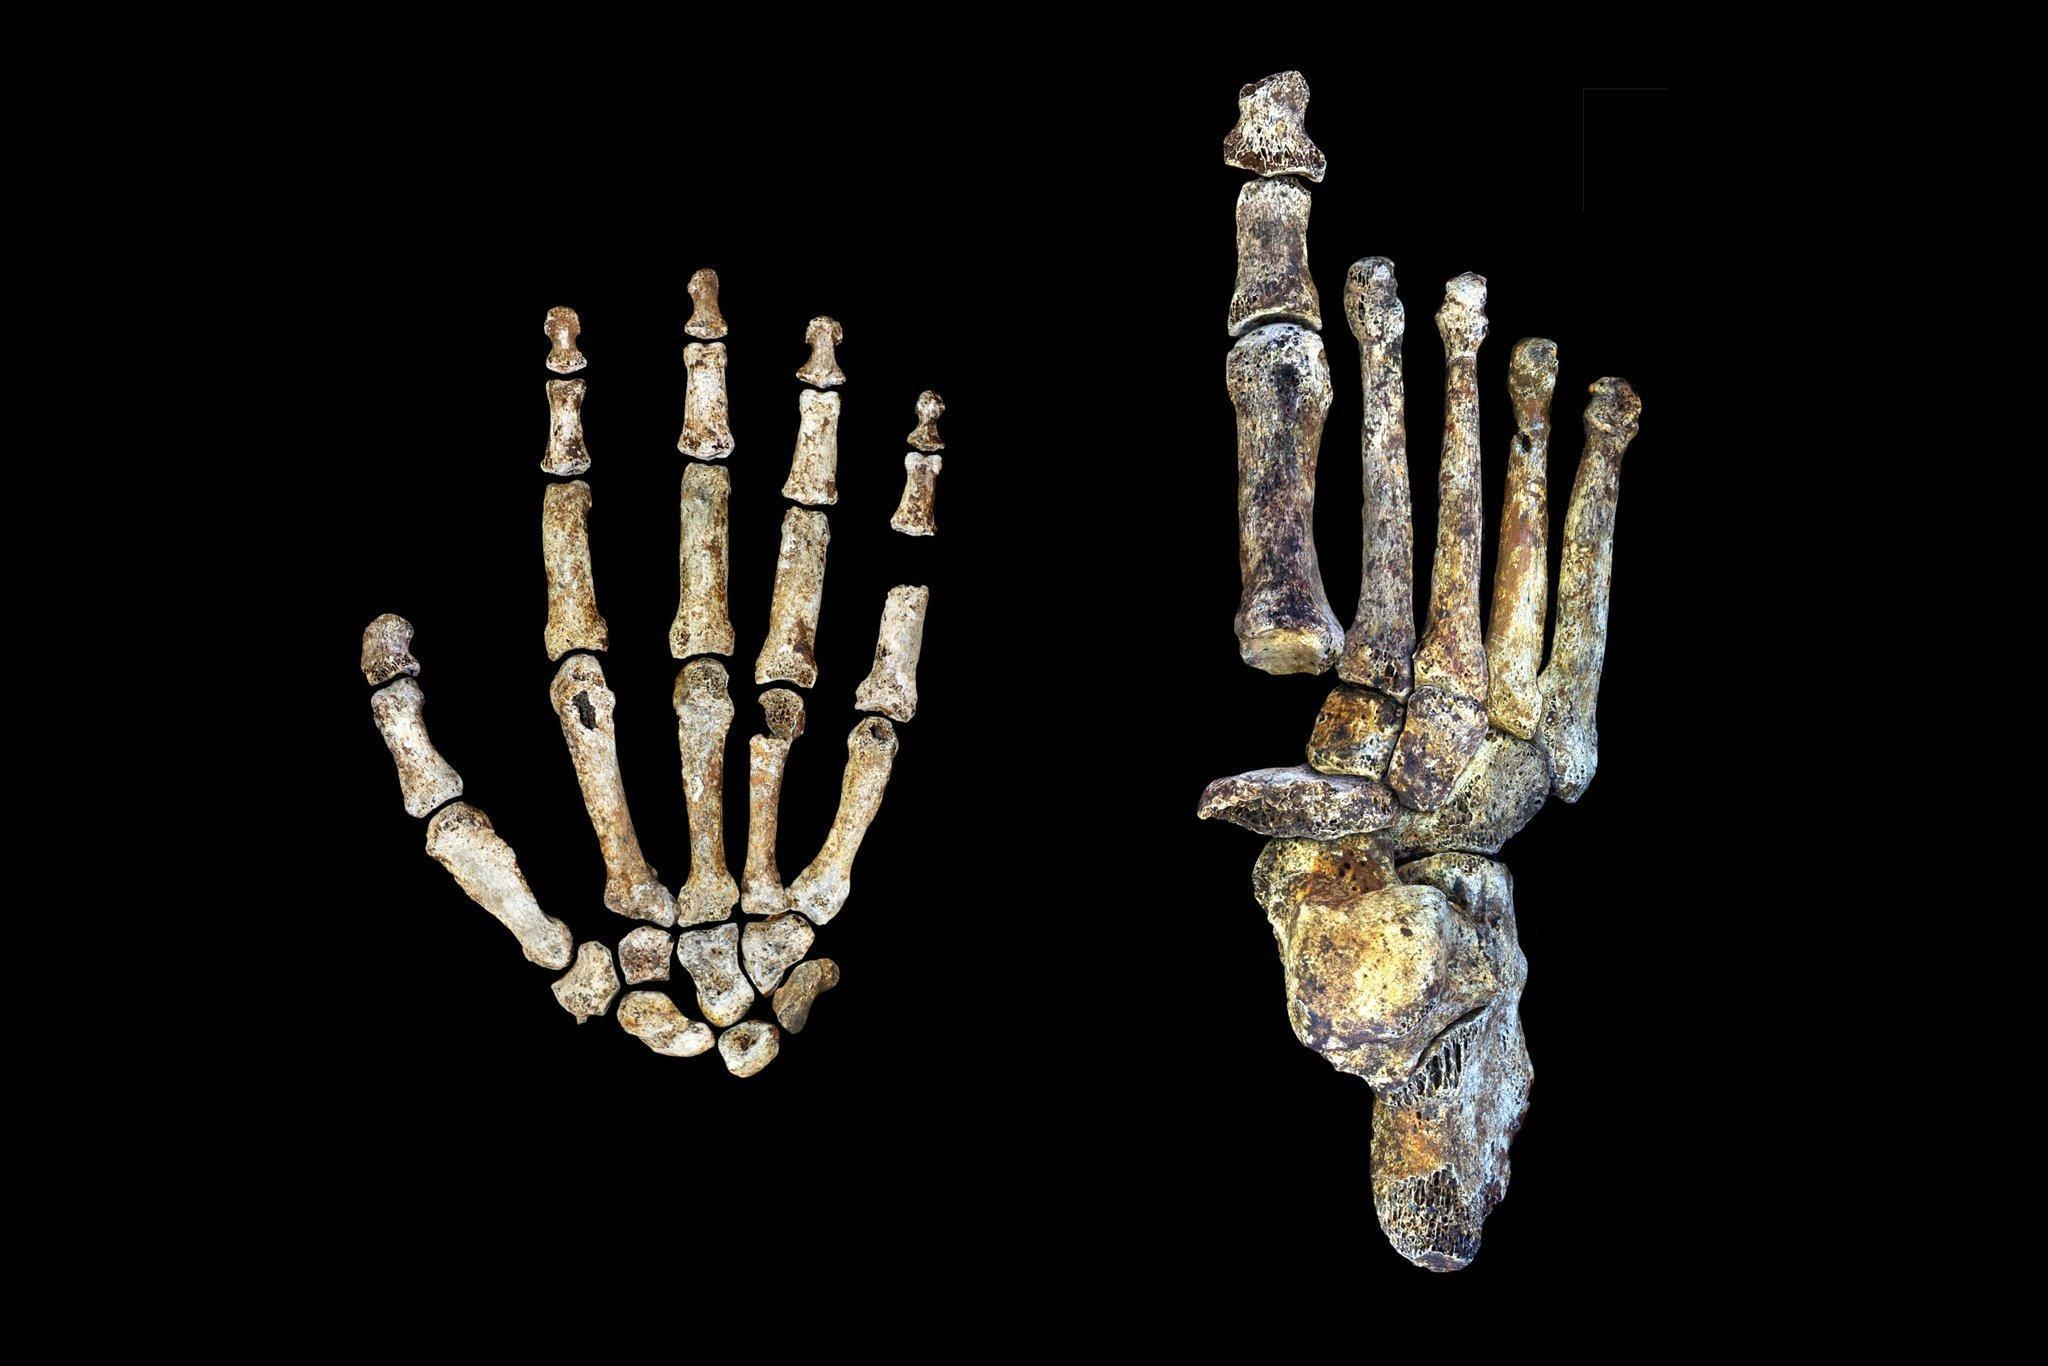 Auf der linken Seite des Fotos sind die Knochen einer Hand von Homo naledi zu sehen, auf der rechten die Knochen eines Fußes. Die Fossilien zeigen, dass dieses Wesen einerseits gut klettern konnte, aber auch anatomische Merkmale hatte, die an die Anatomie des modernen Menschen erinnern. Homo naledi wirkt wie ein seltsames Mischwesen.